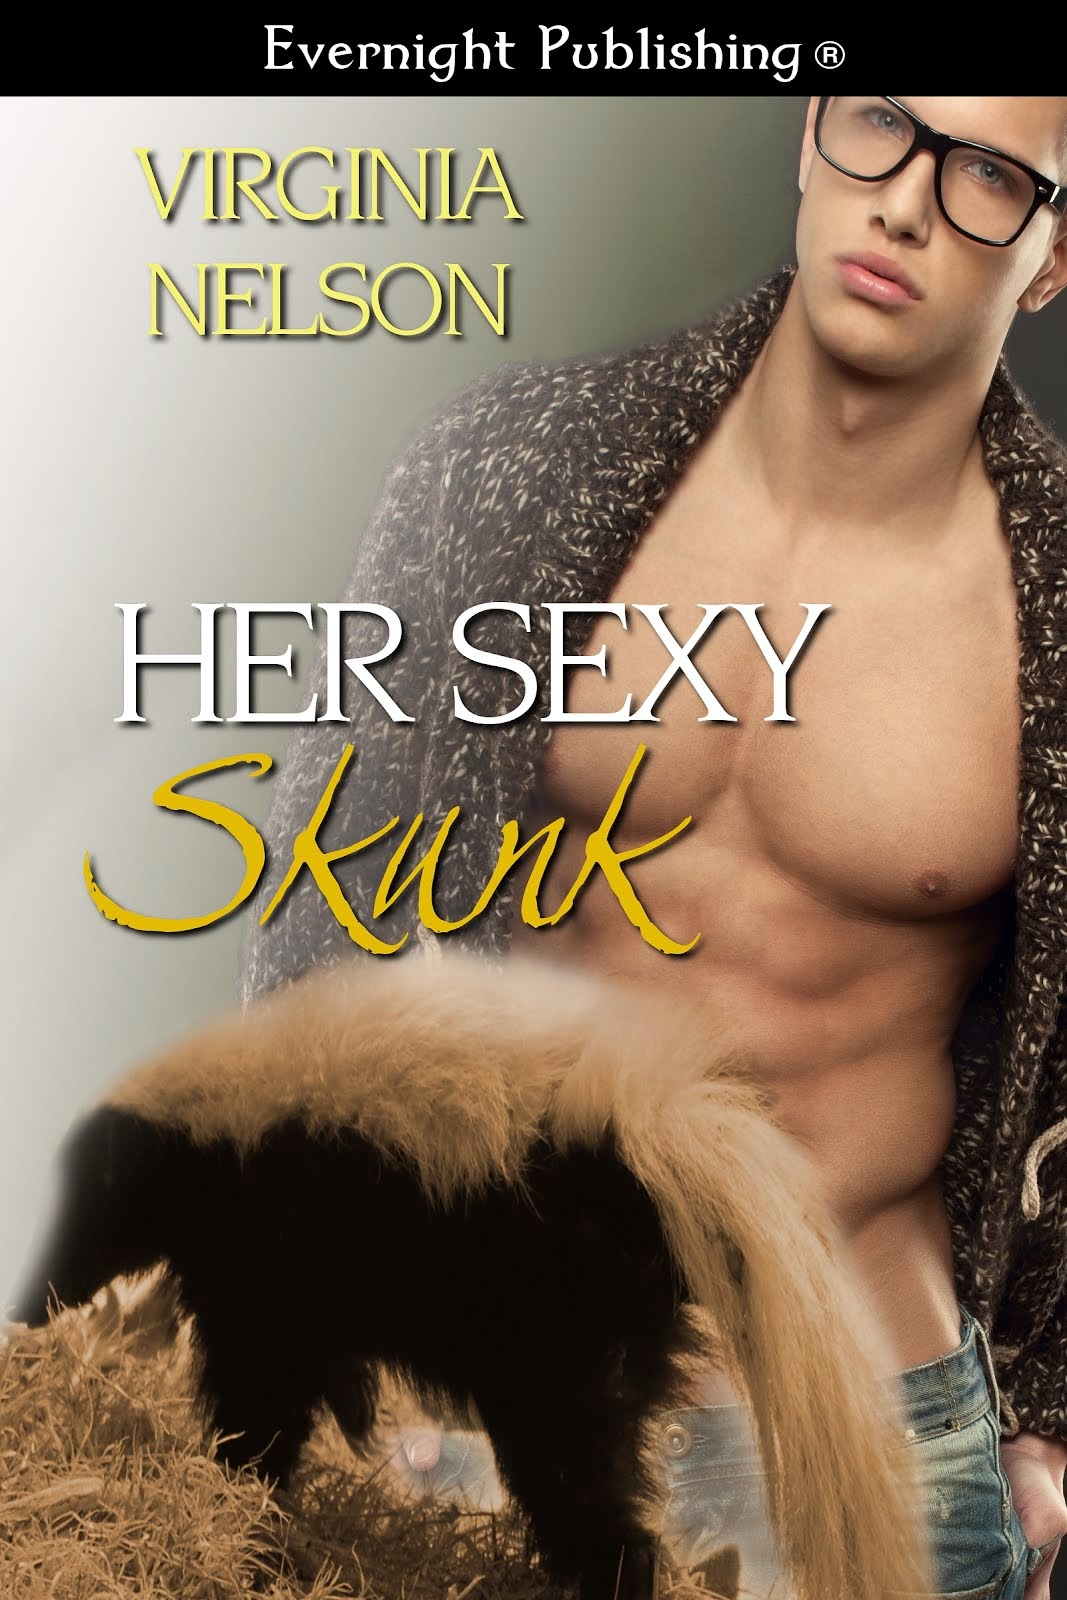 Her Sexy Skunk